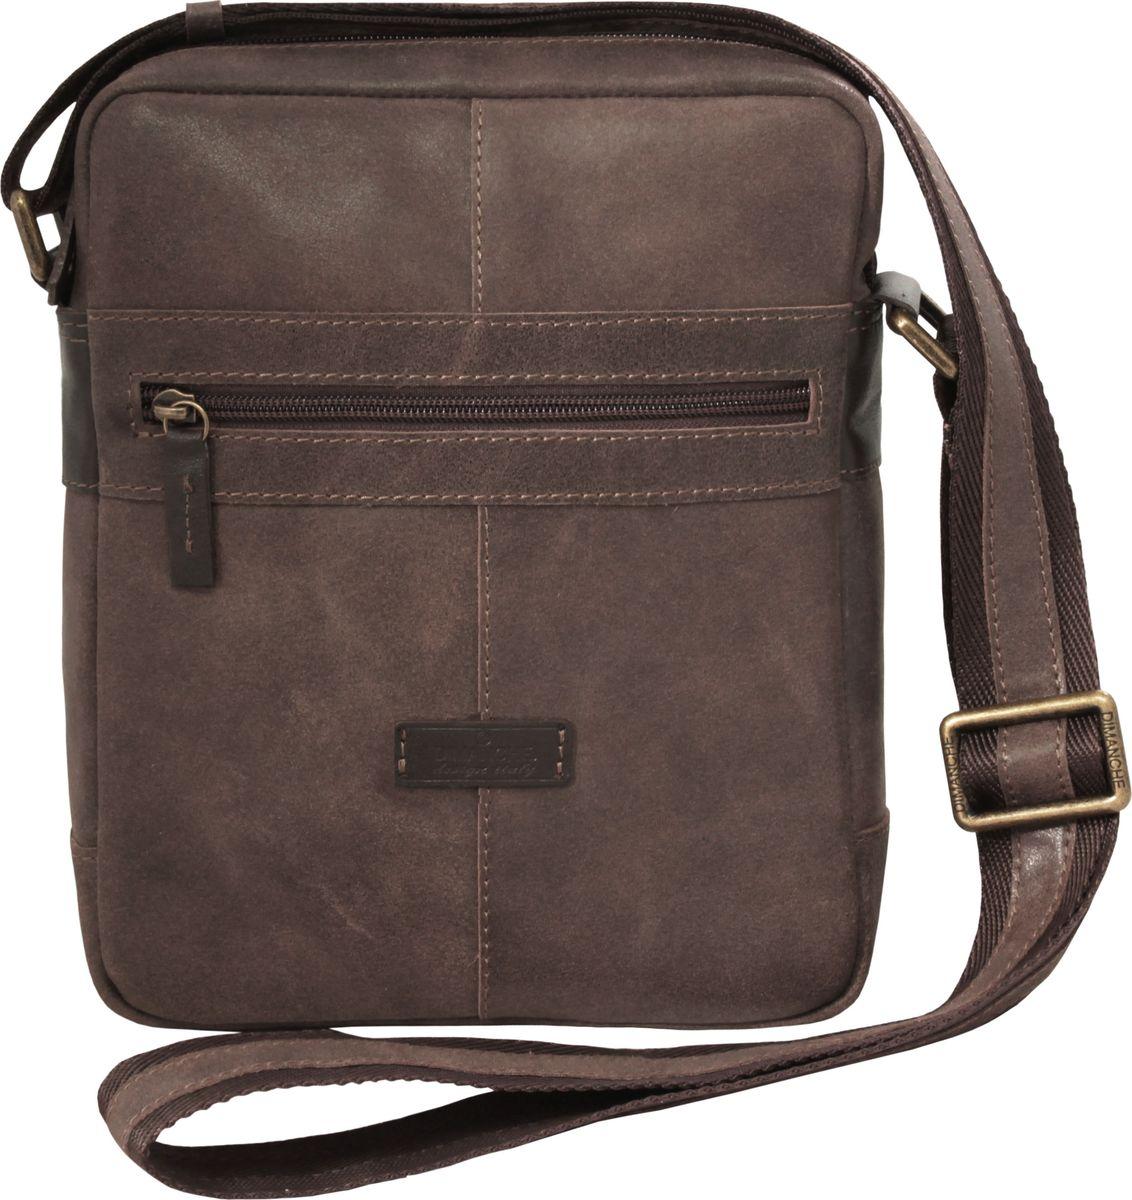 Сумка мужская Dimanche Поло, цвет: коричневый. 879/135879/135Мужская сумка среднего размера состоит из трех отделений, закрывающихся на молнию. Изготовлен из натуральной мягкой кожи. Комбинированный ремень регулируется по длине до 150 см.